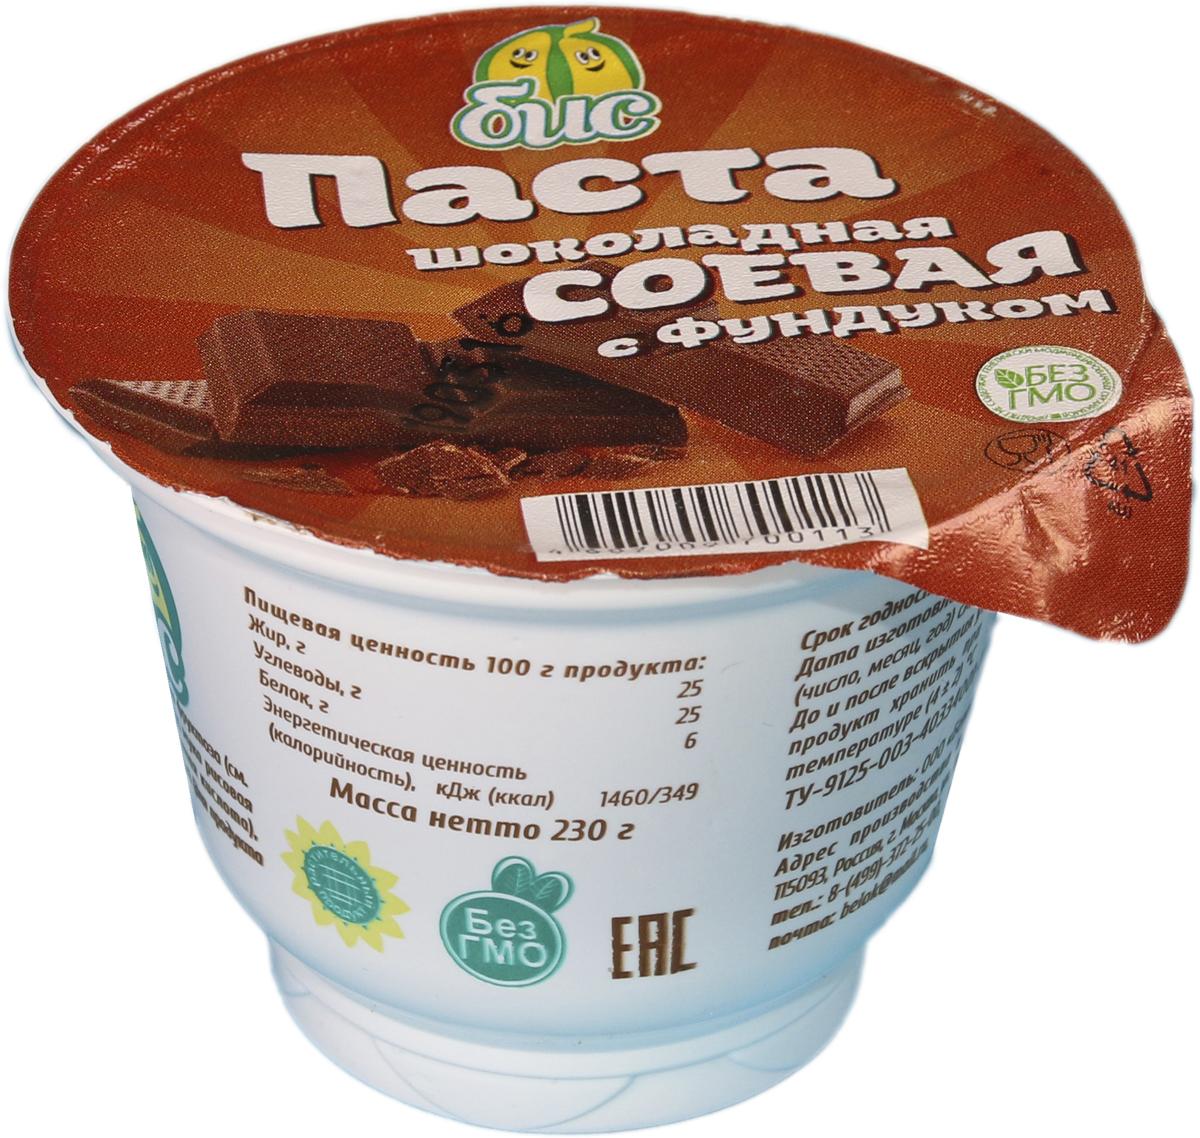 все цены на Боб и Соя Шоколадная паста соевая с фундуком 25%, 230 г онлайн